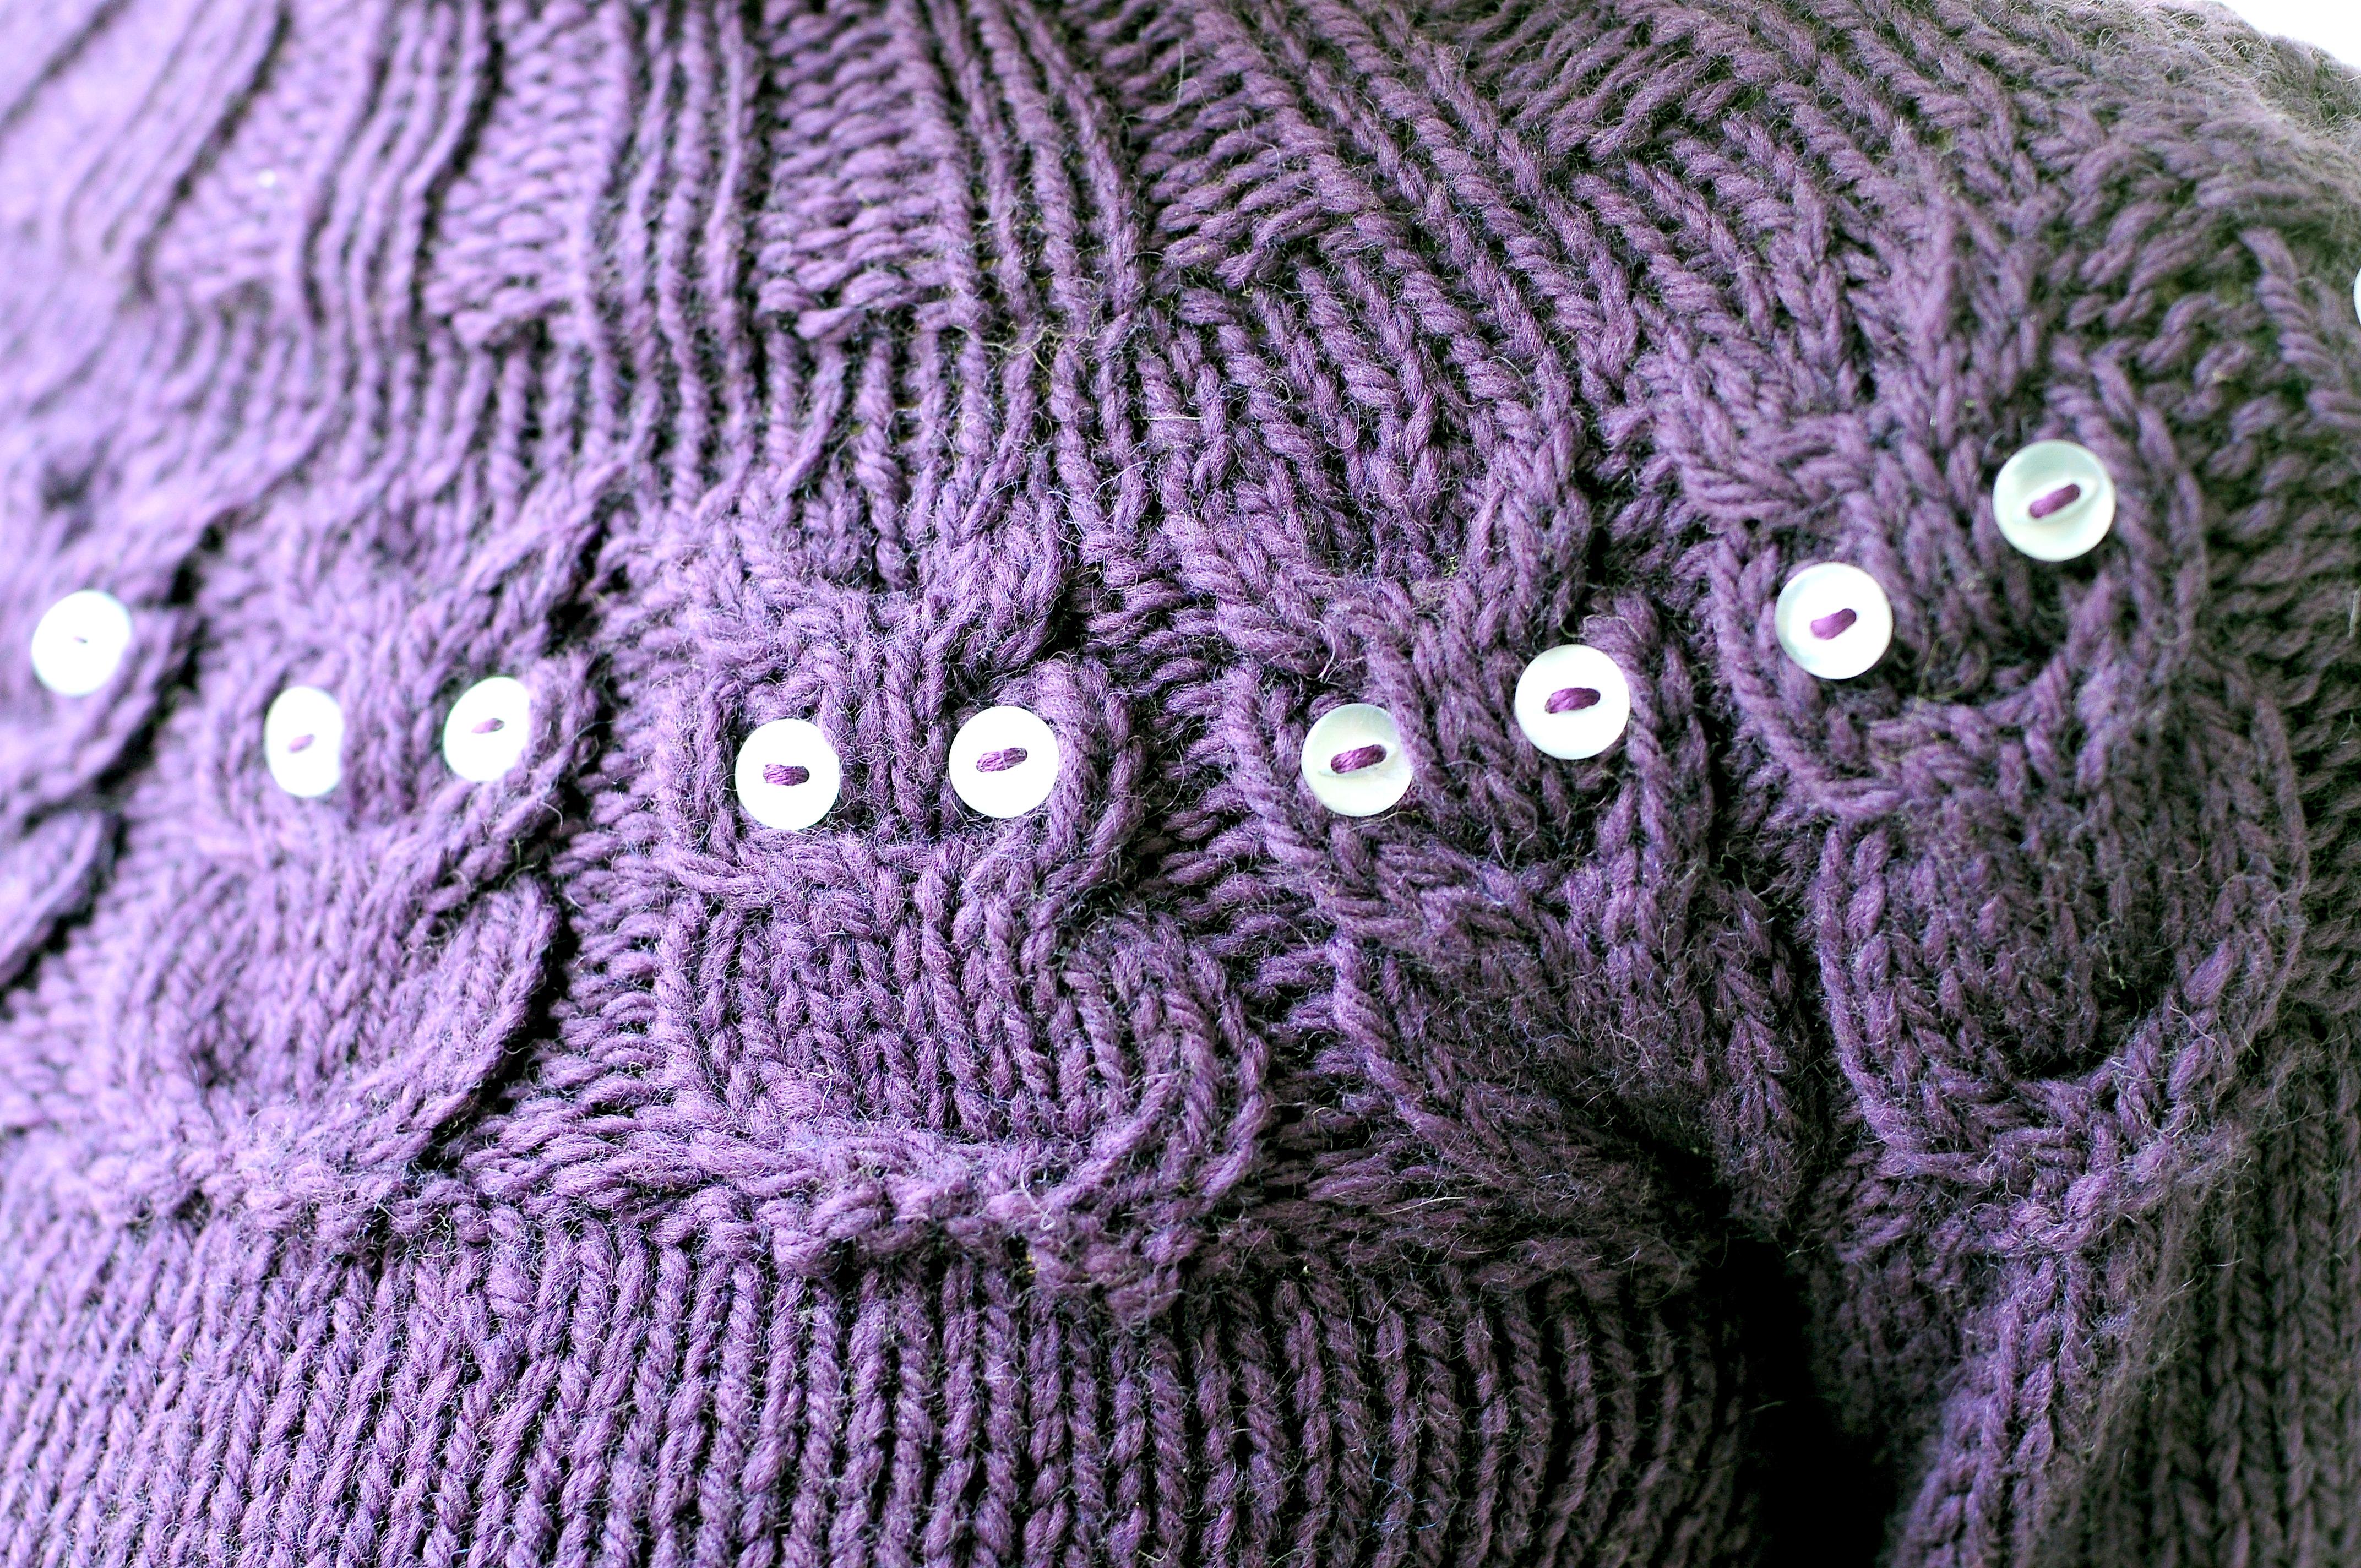 Hintergrundbilder : lila, violett, Muster, Sweatshirt, Wolle, Woolen ...